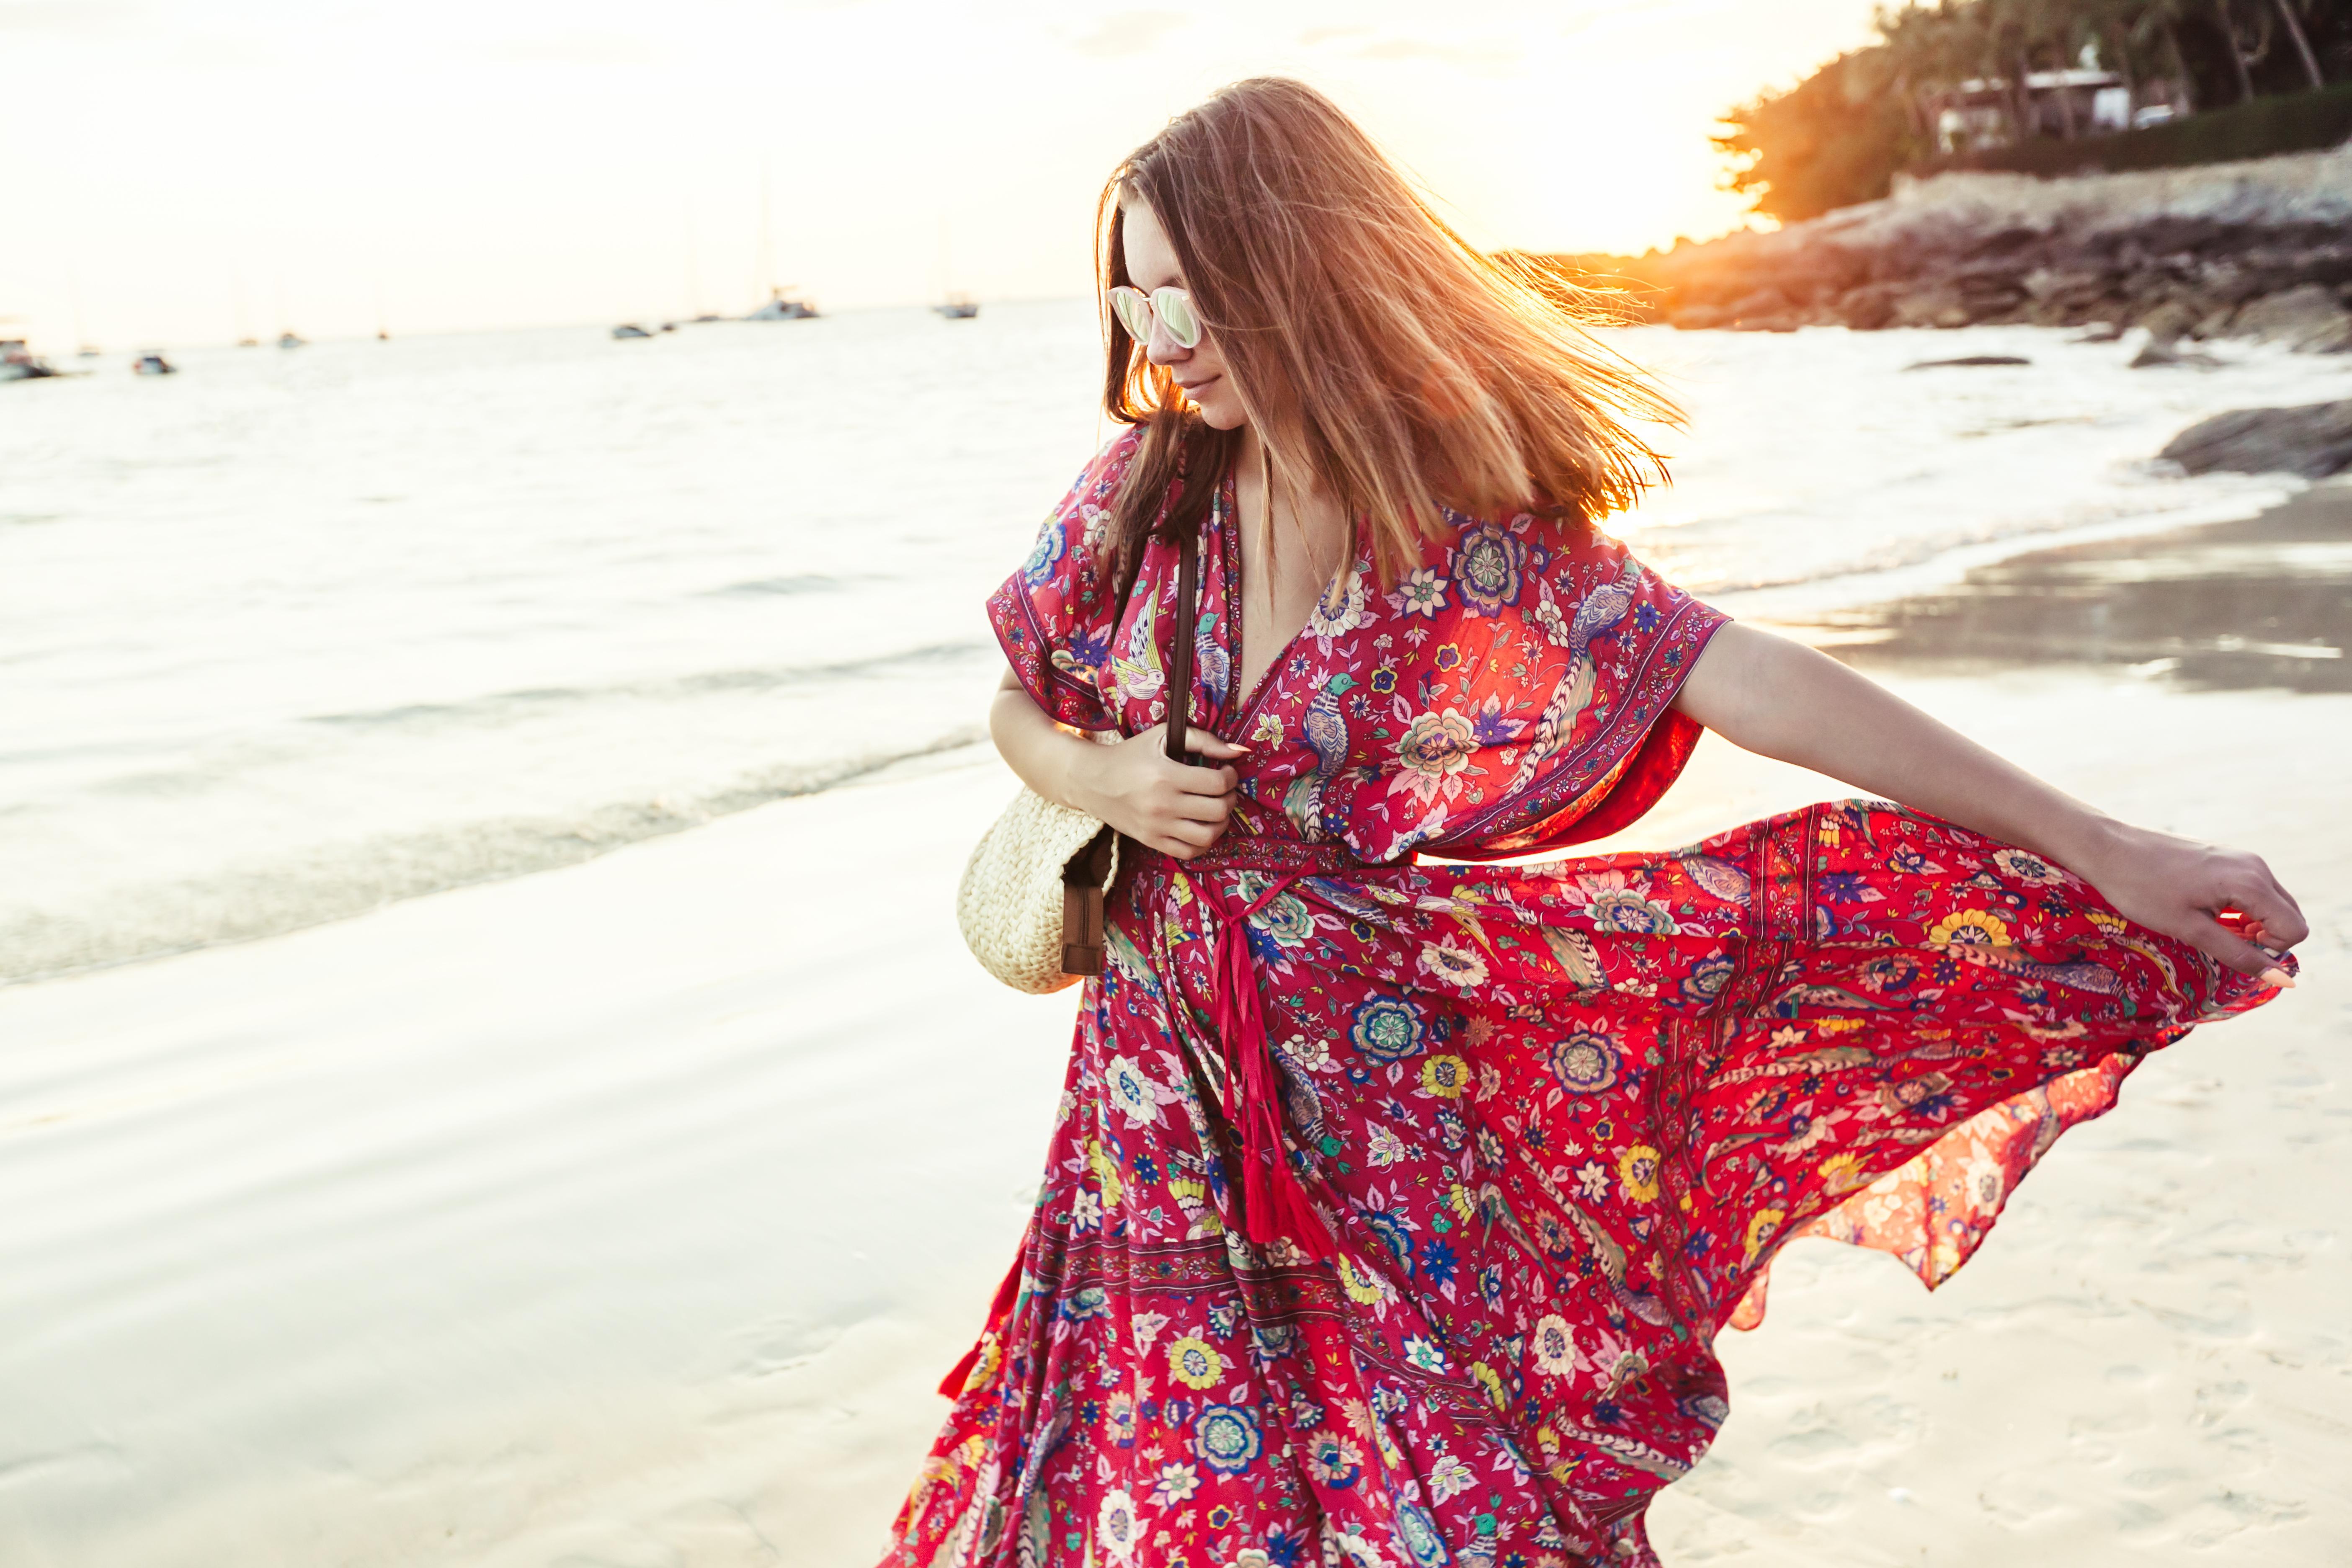 S/S 19: For the Love of Sun, Sand & Sea! #trendalert